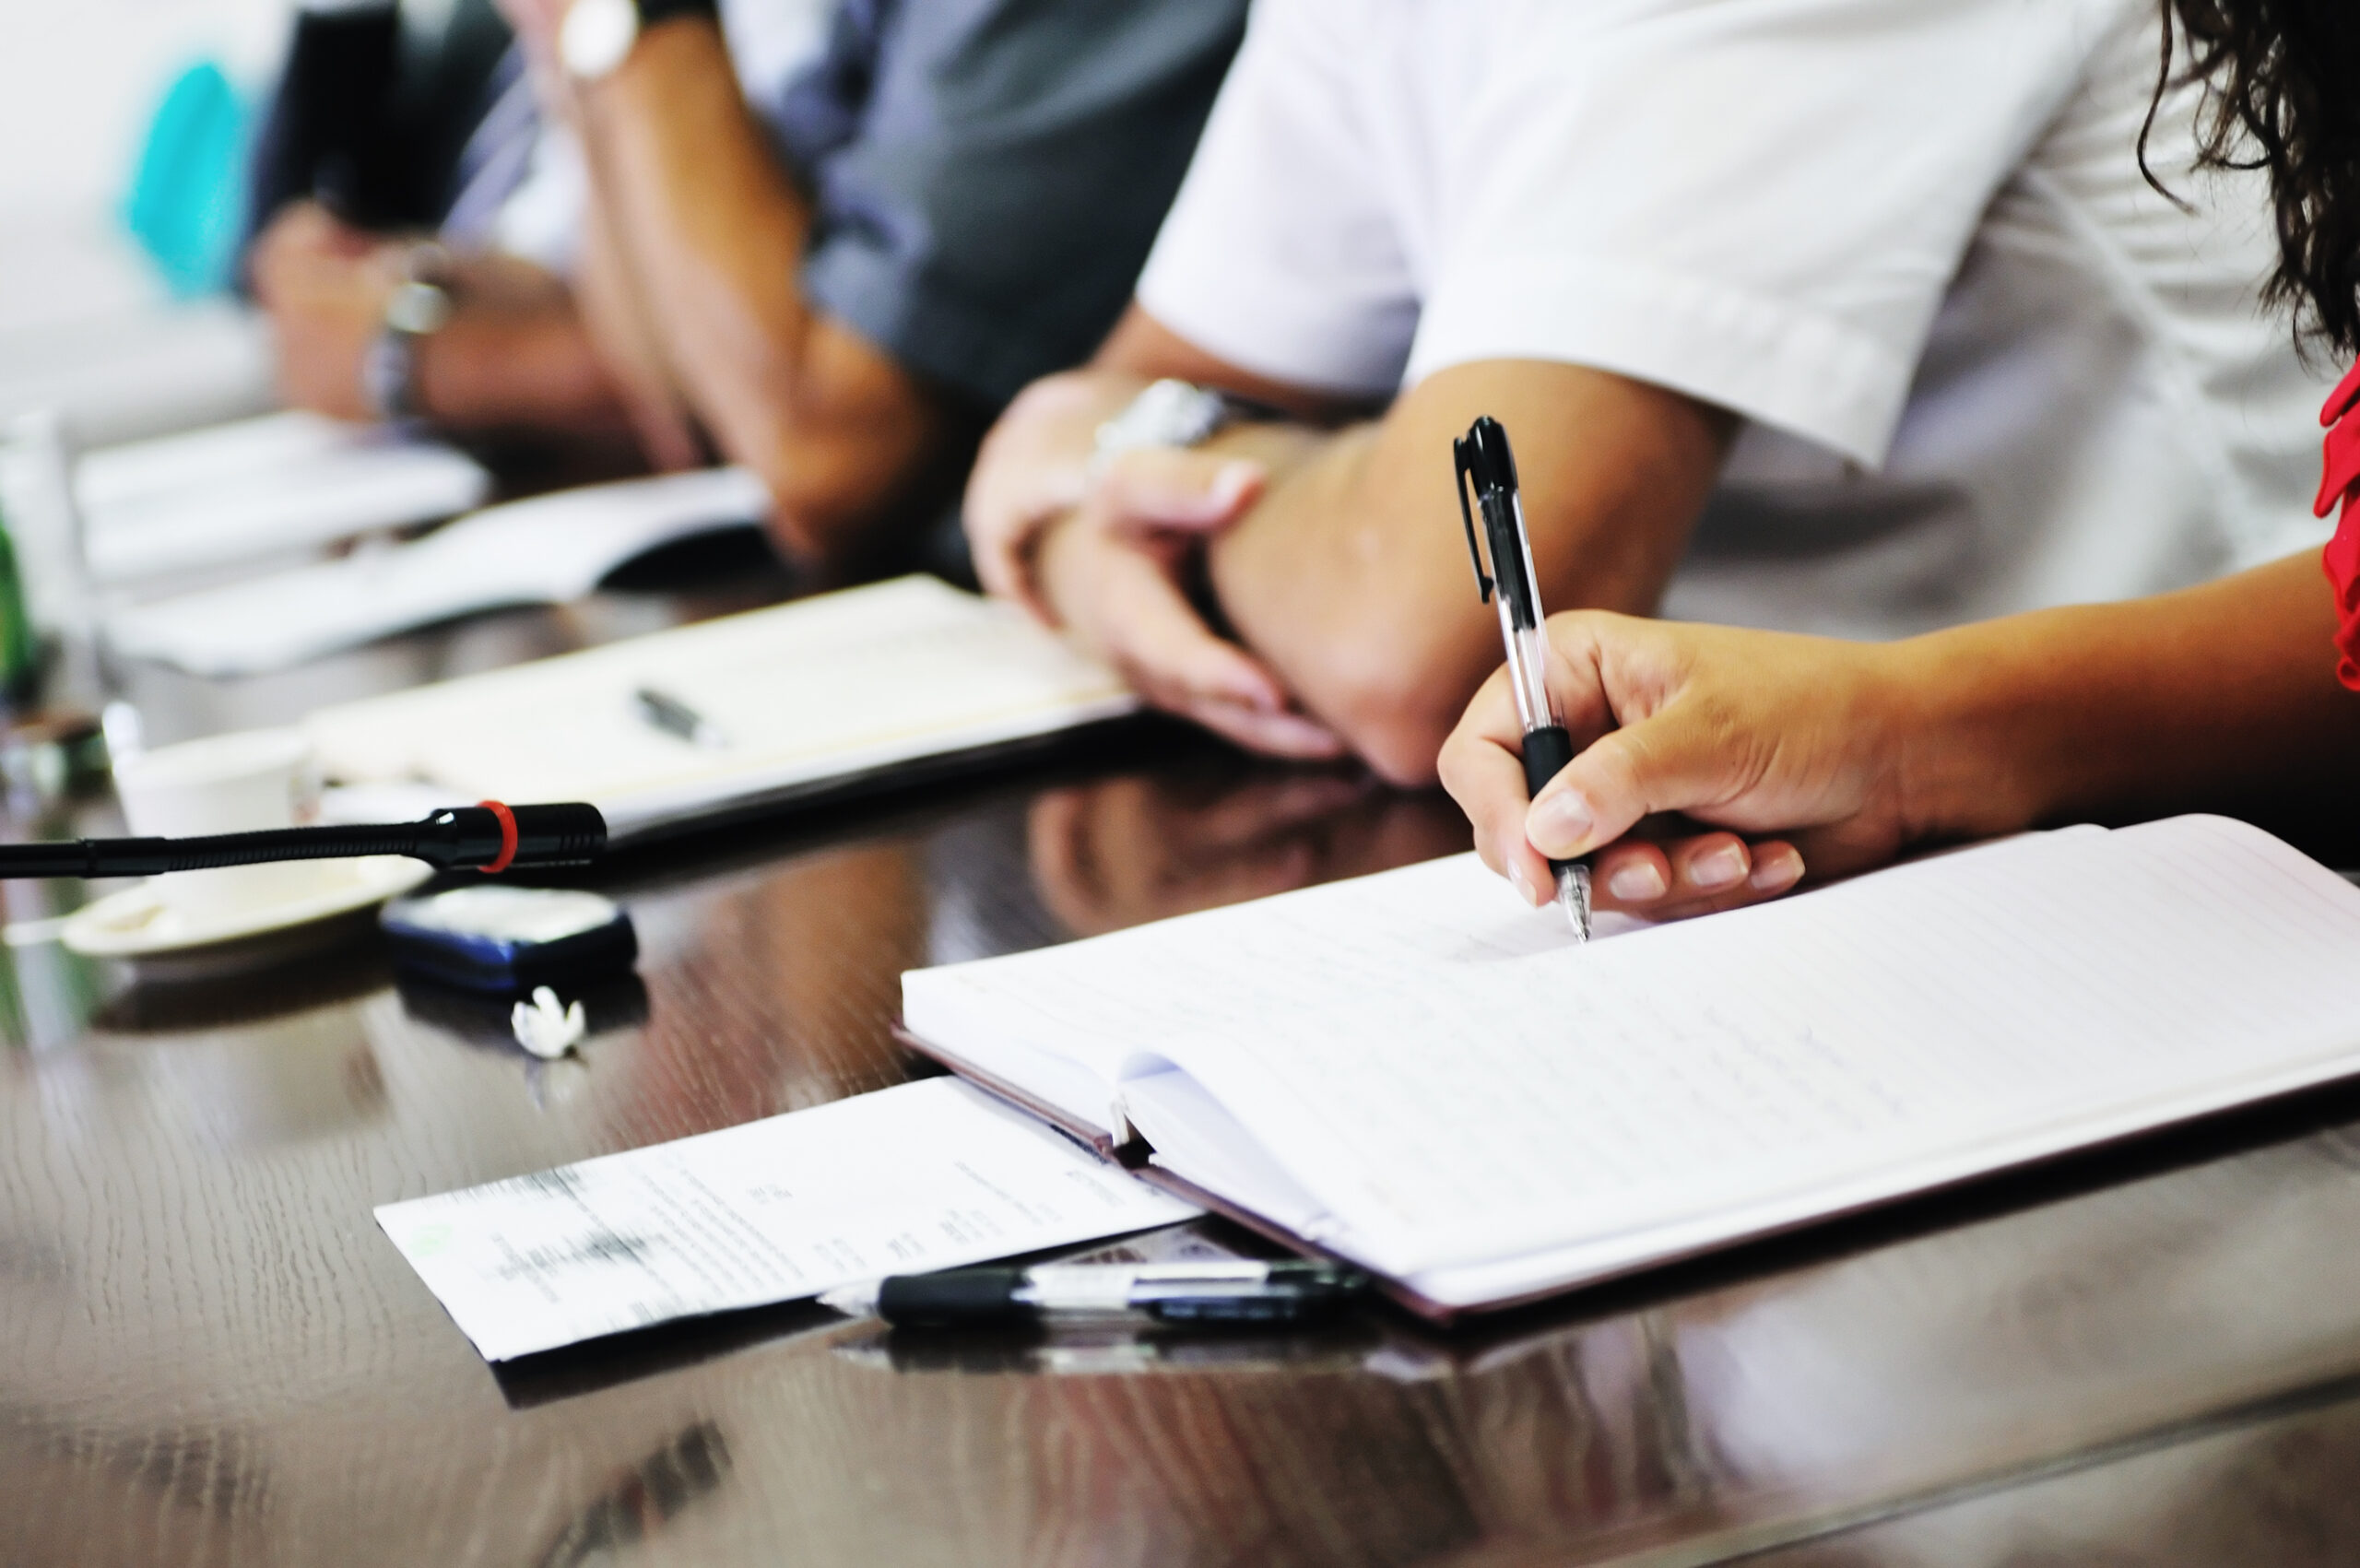 Rekrutacja na szkolenie w zakresie II stopnia specjalizacji w zawodzie pracownika socjalnego